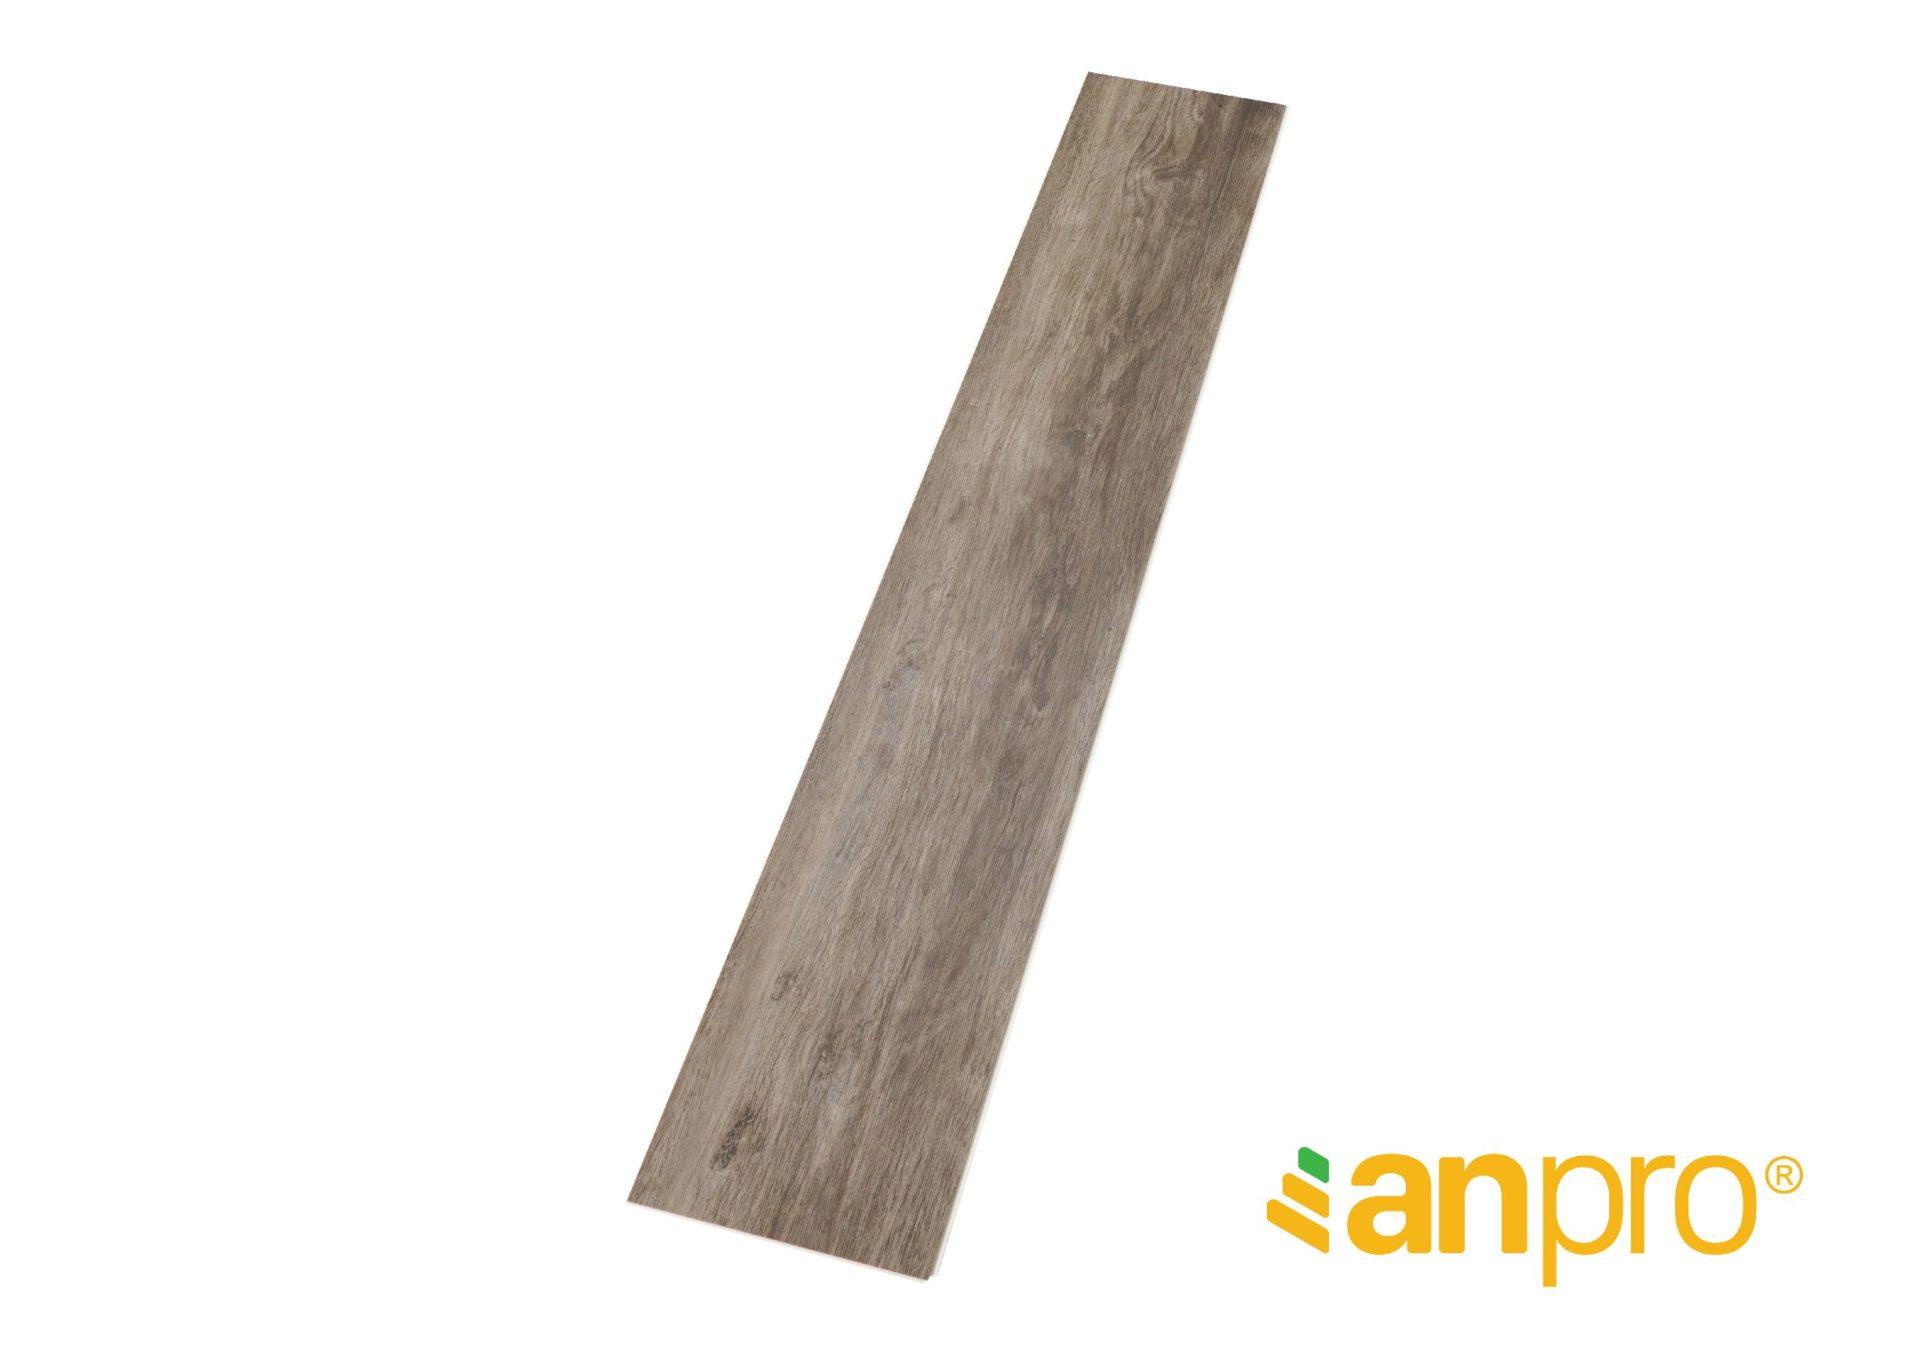 SA140 1 - Sàn AnPro vân gỗ SA149